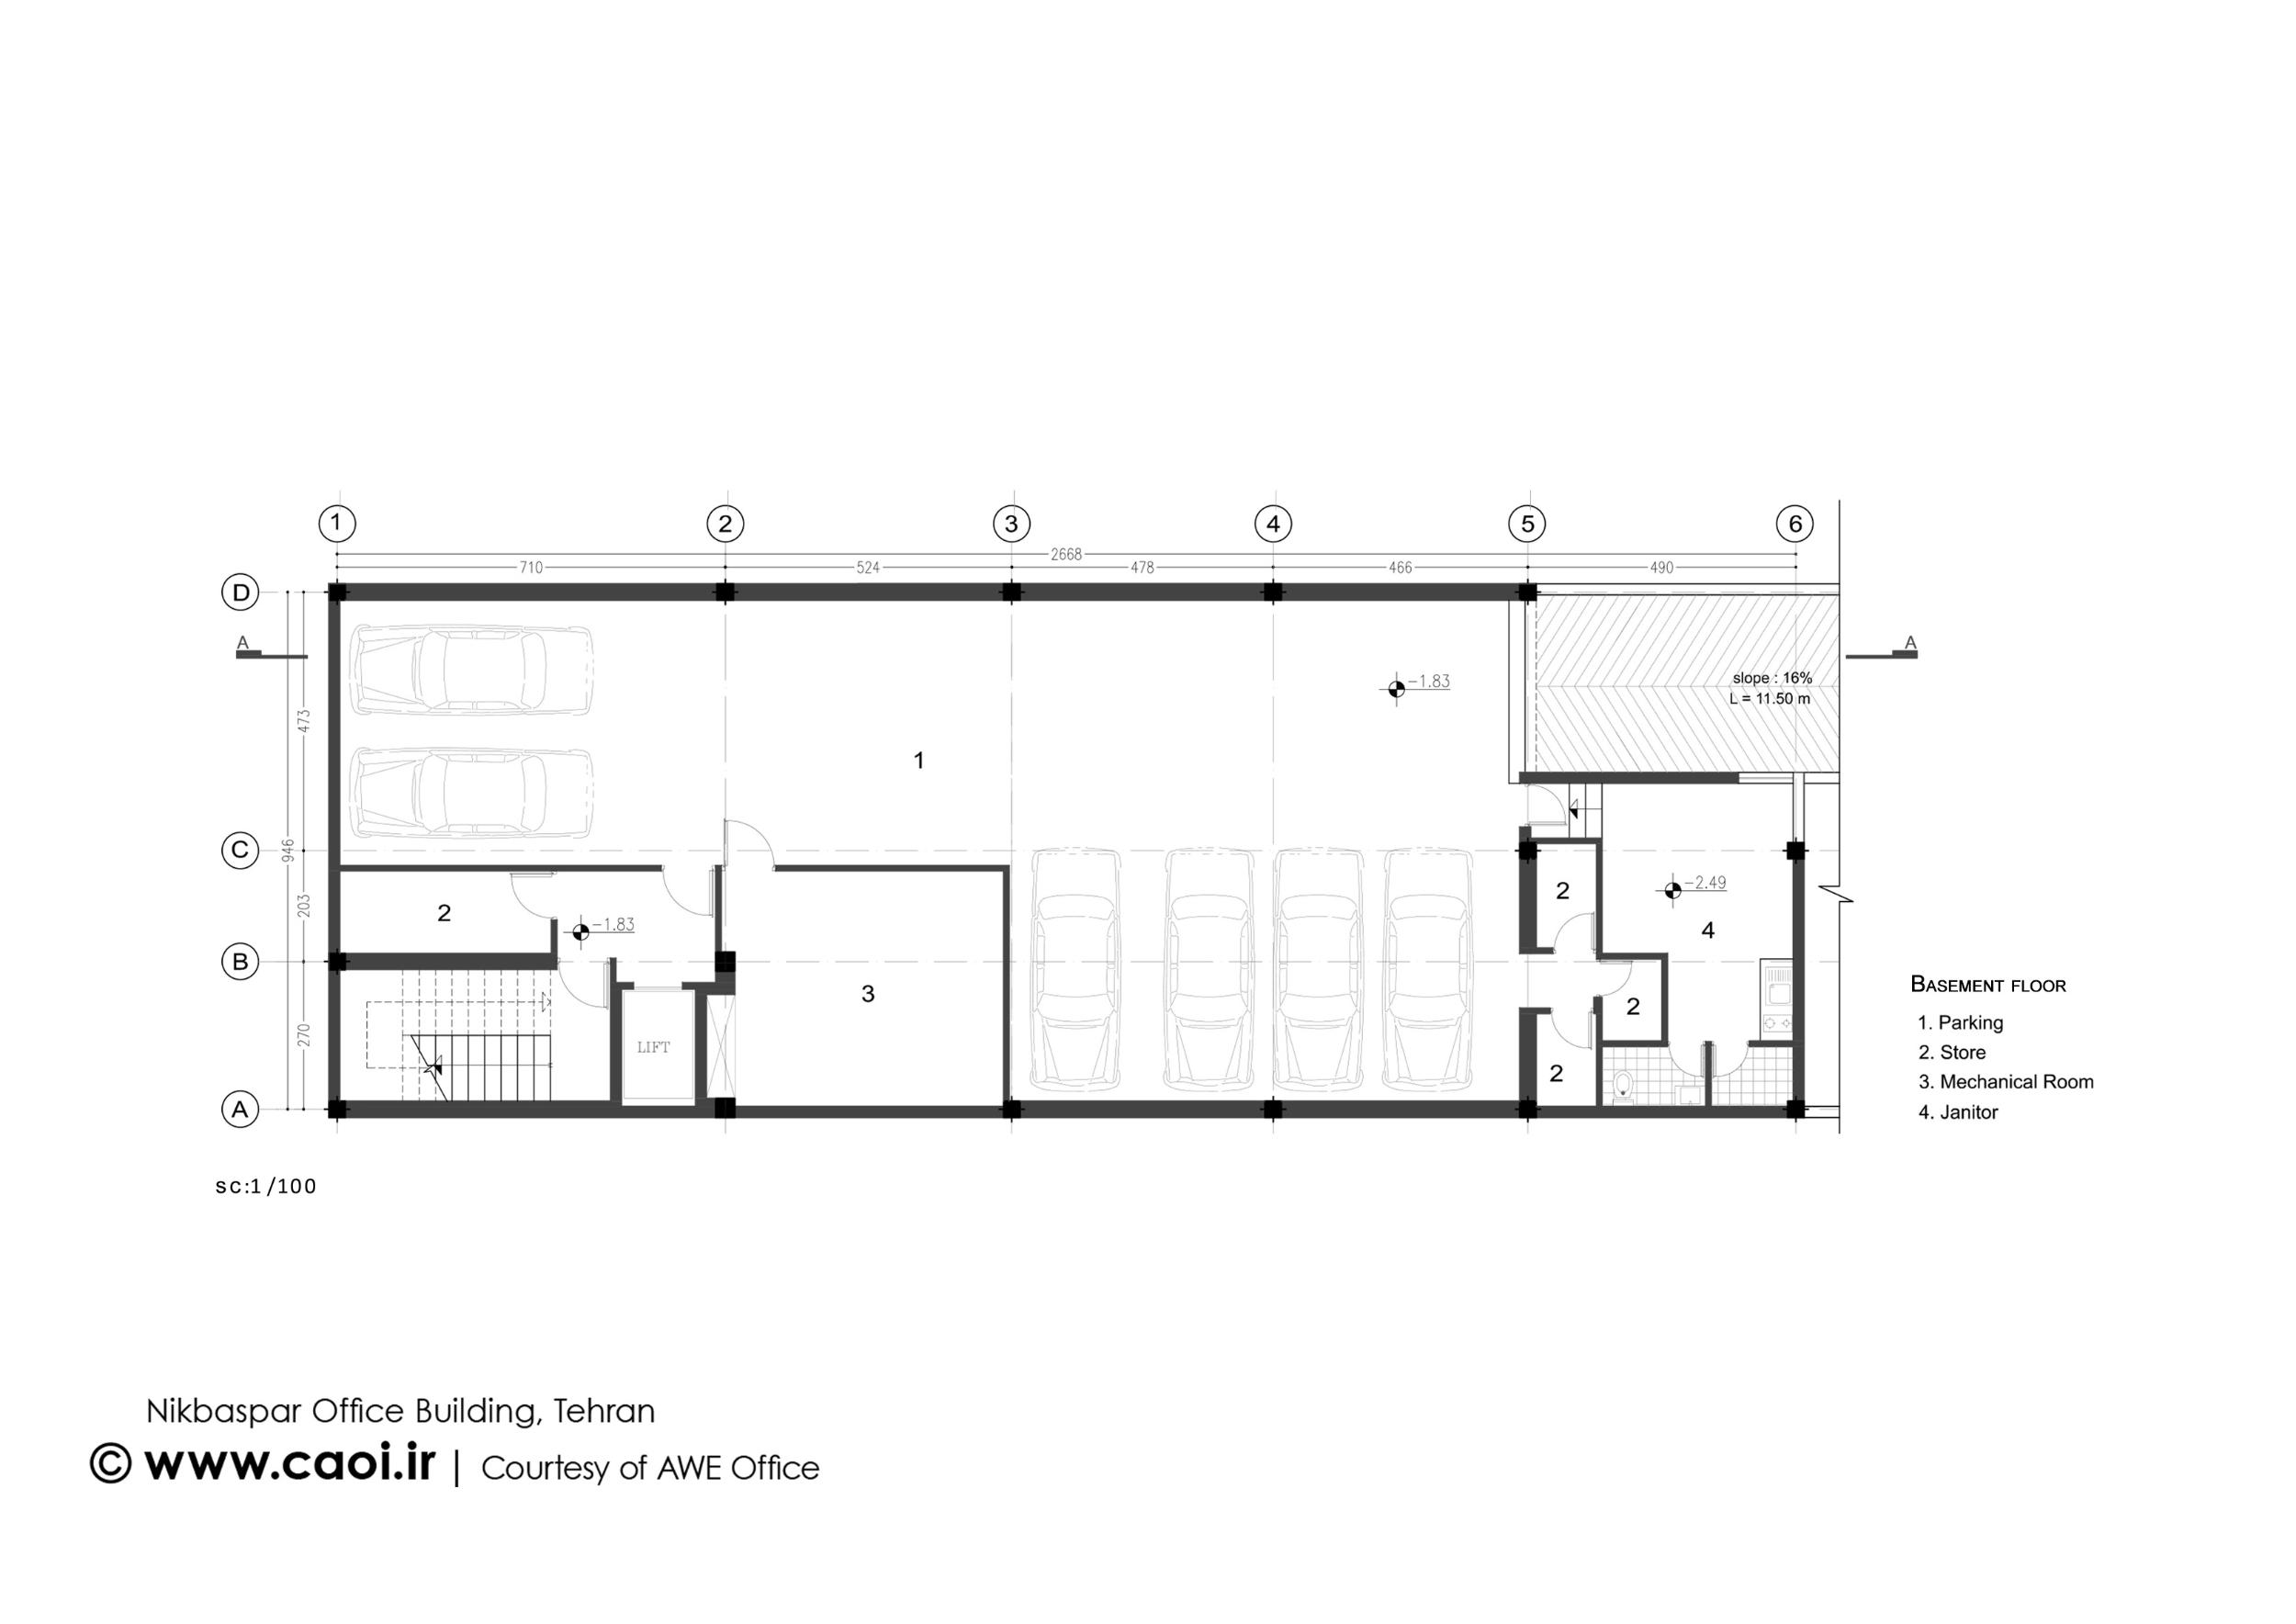 پلان ساختمان اداری,نقشه ساختمان اداری,نقشه معماری ساختمان اداری